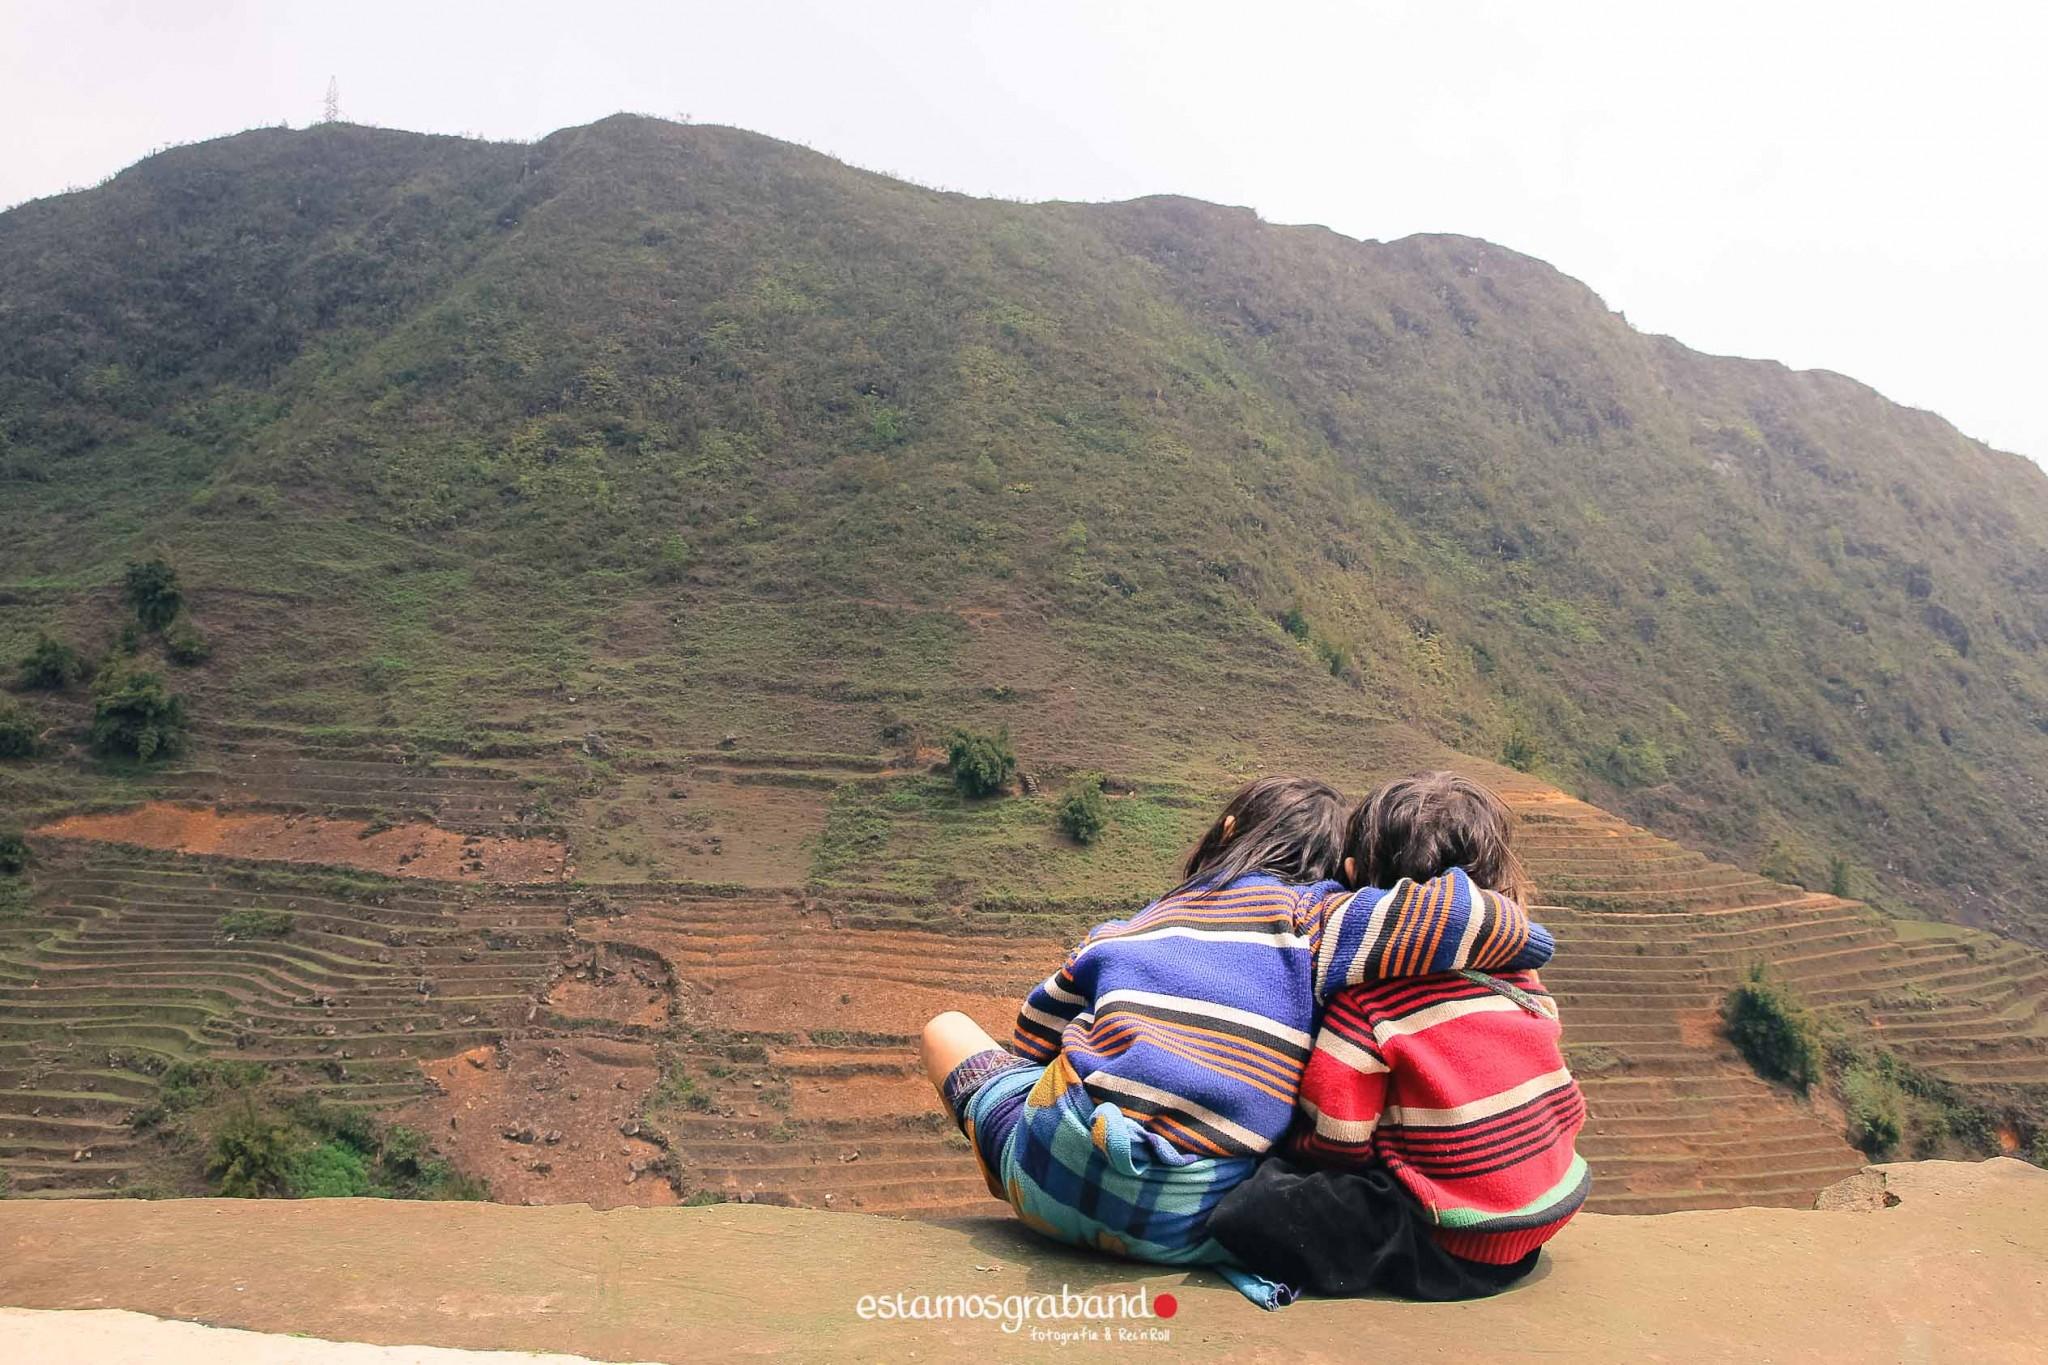 reportaje-vietnam_fotograficc81a-vietnam_estamosgrabando-vietnam_rutasvietnam_reportaje-retratos-fotos-vietnam_fotografia-vietnam_reportaje-estamosgrabando-fotograficc81a-vietnam-12 Pequeños grandes recuerdos de Vietnam en 100 imágenes - video boda cadiz